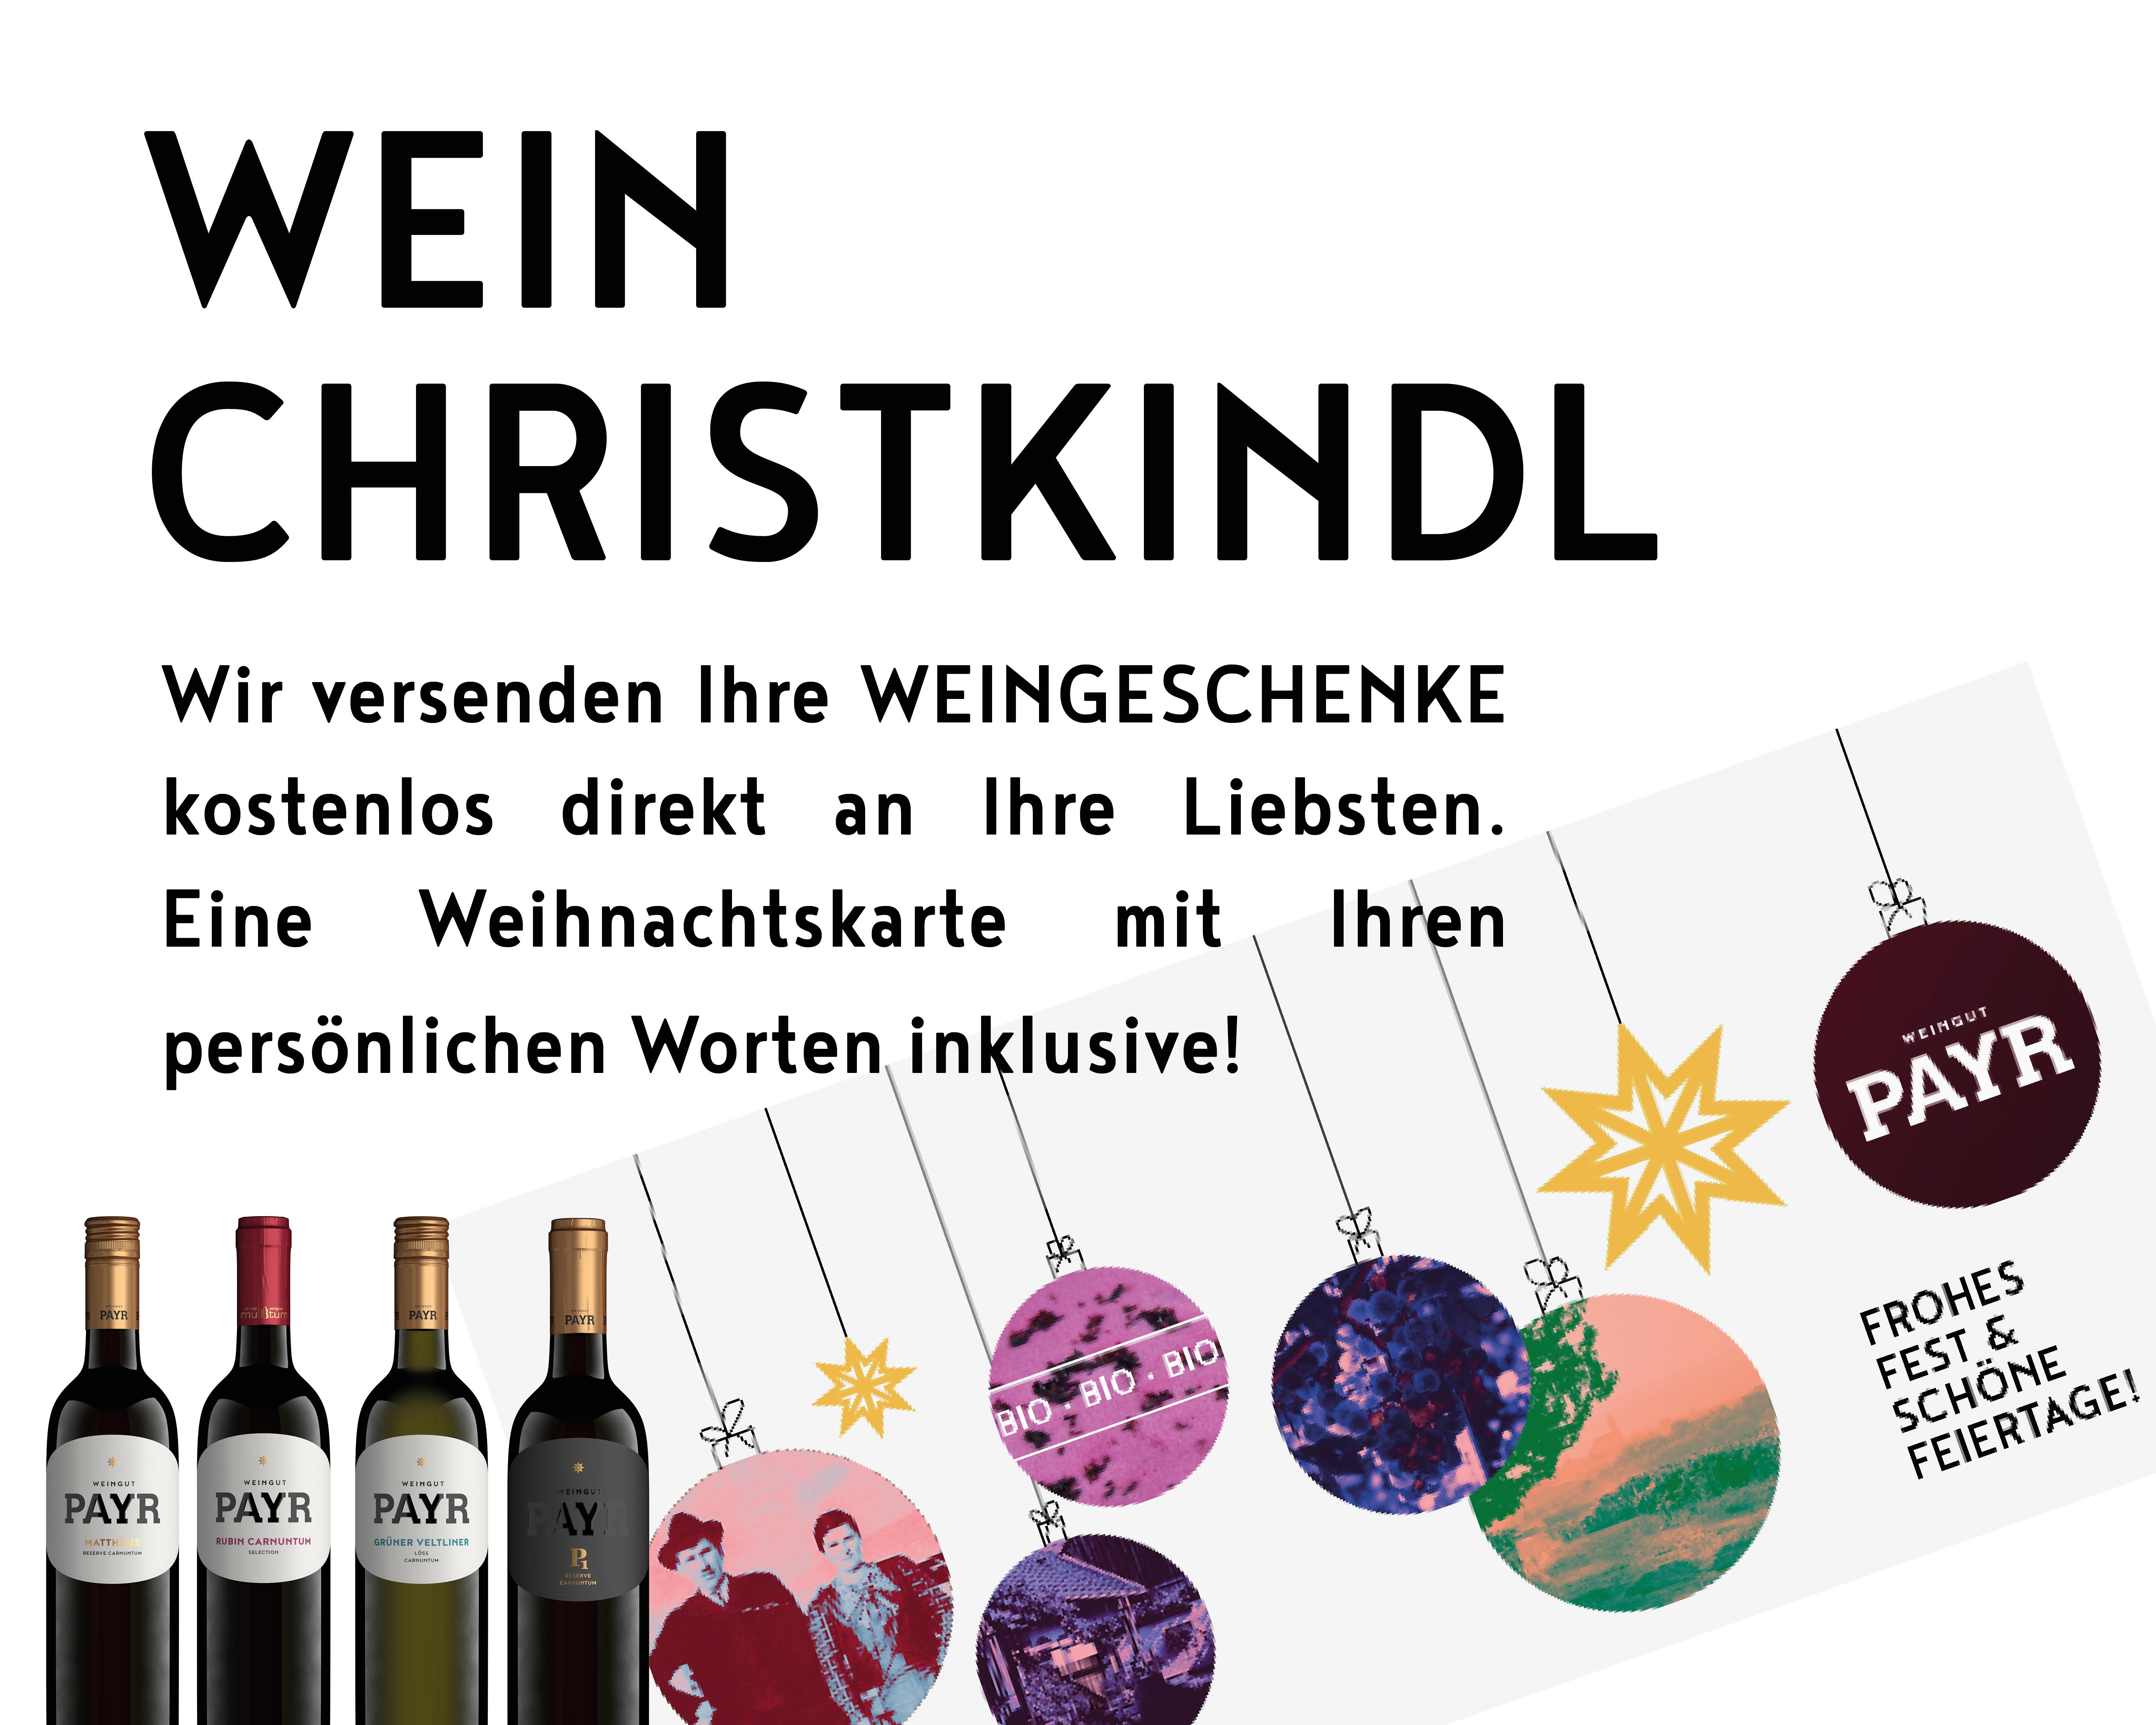 Website Bild Wein Christkindl